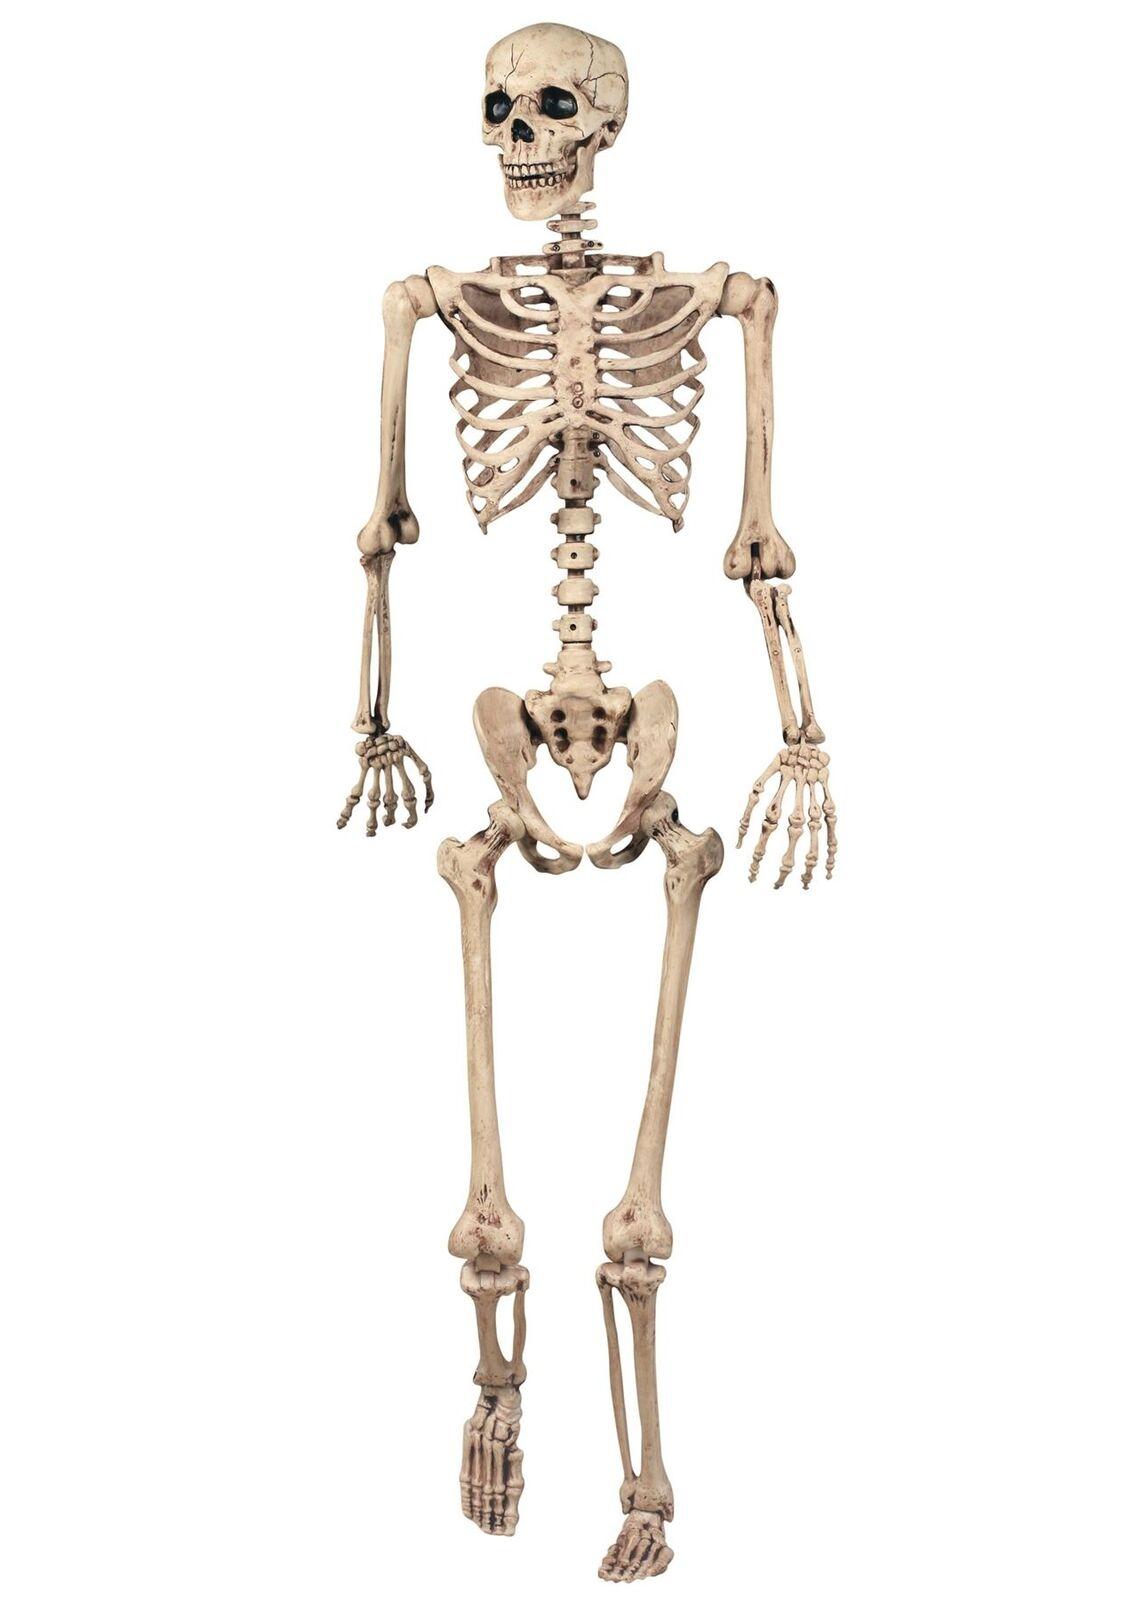 165cm Lebensgröße Beweglich Hängendes Skelett Halloween Dekoration Medizinisch